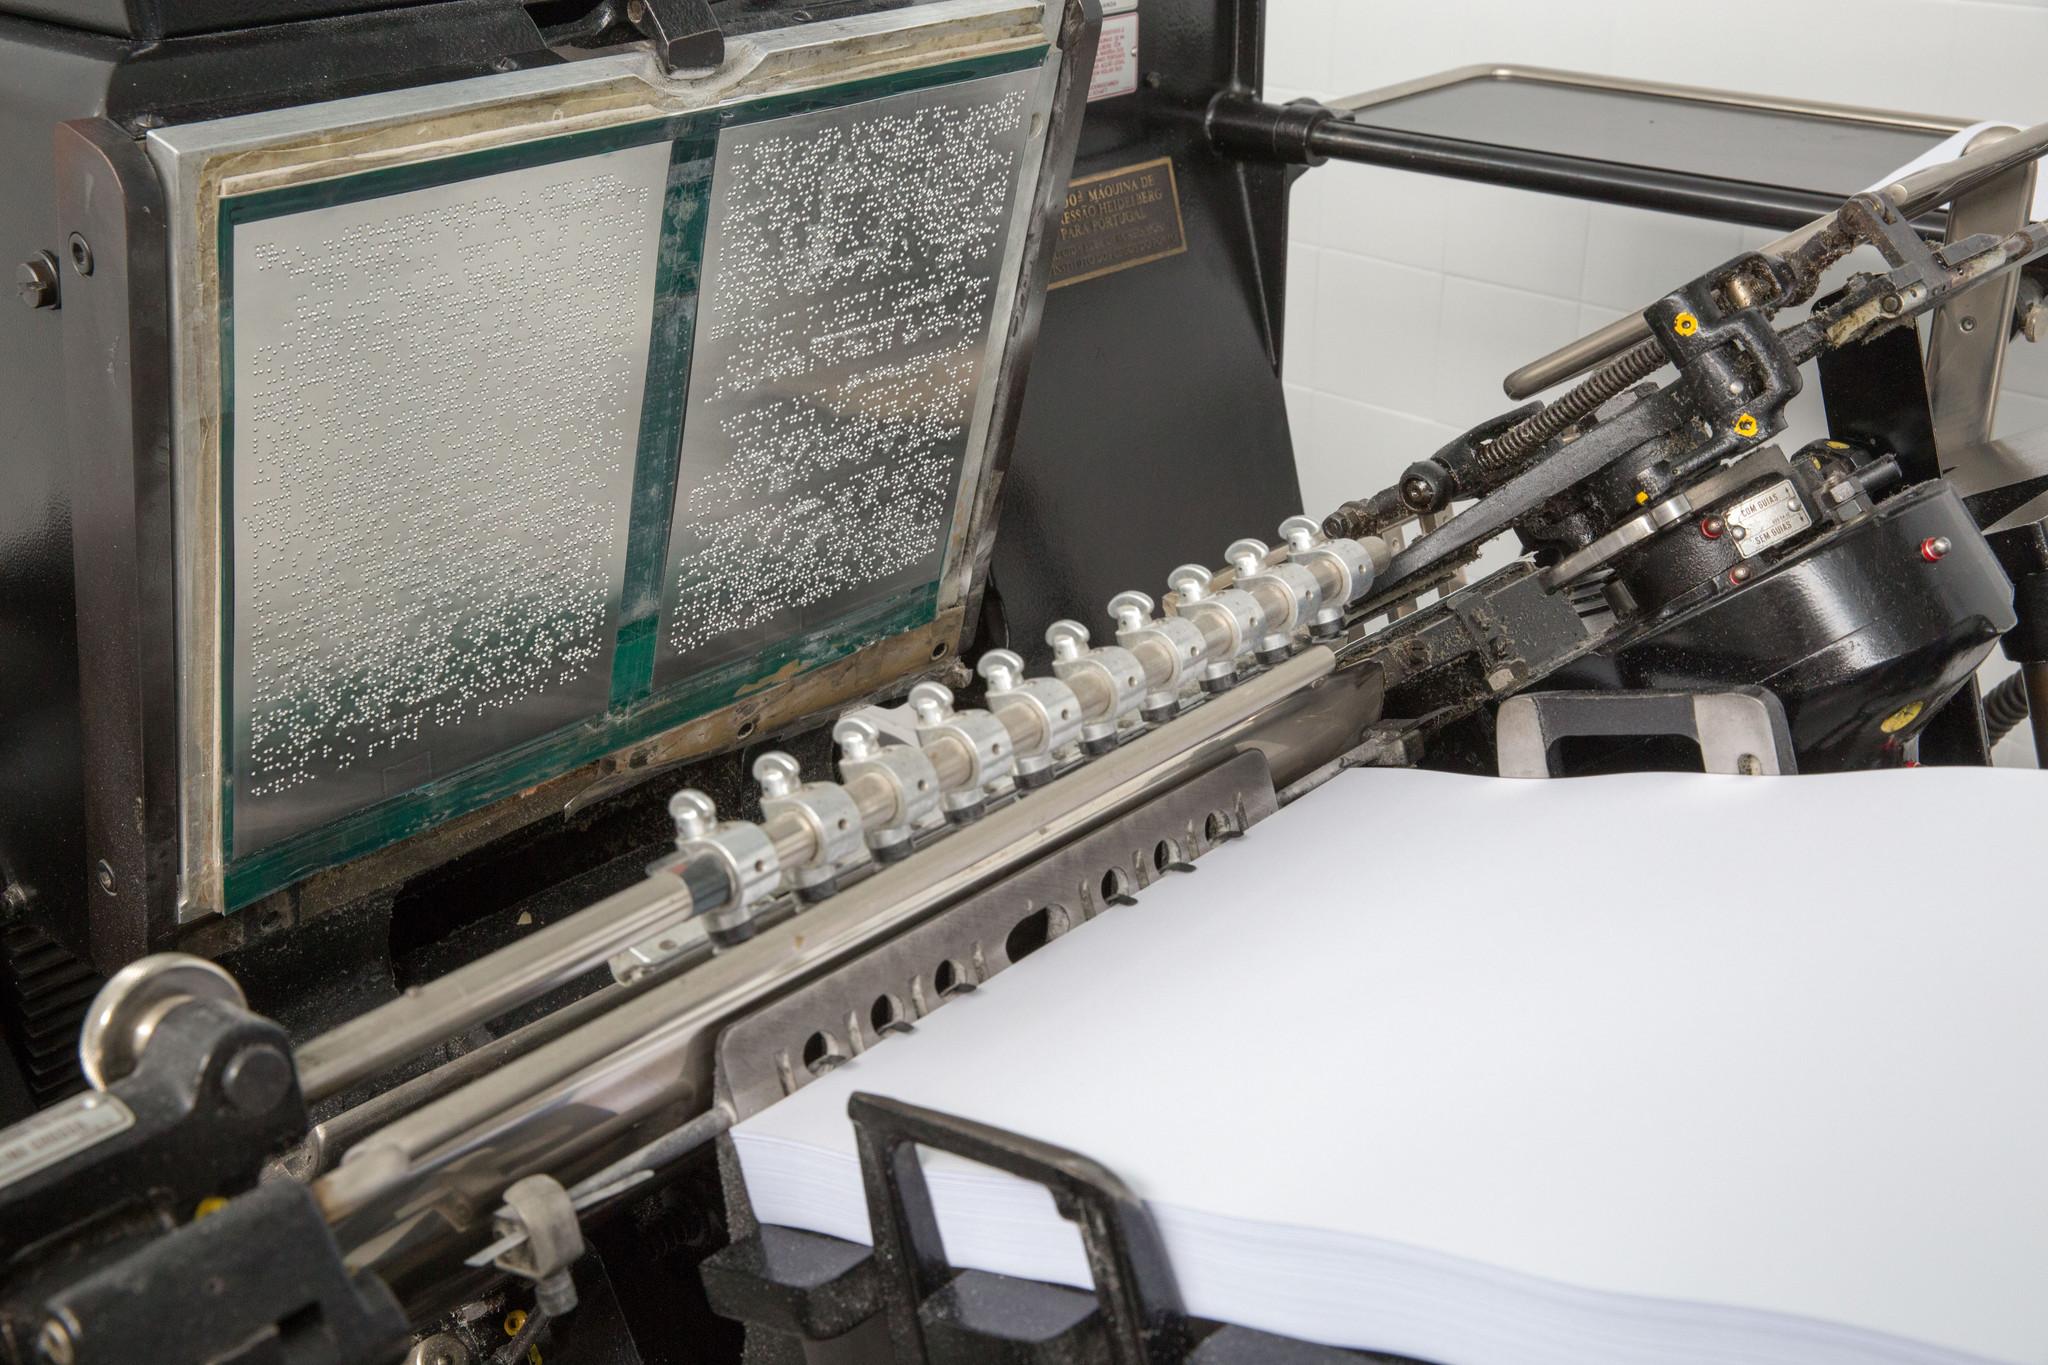 lm-visao braille 20-04-1611.jpg